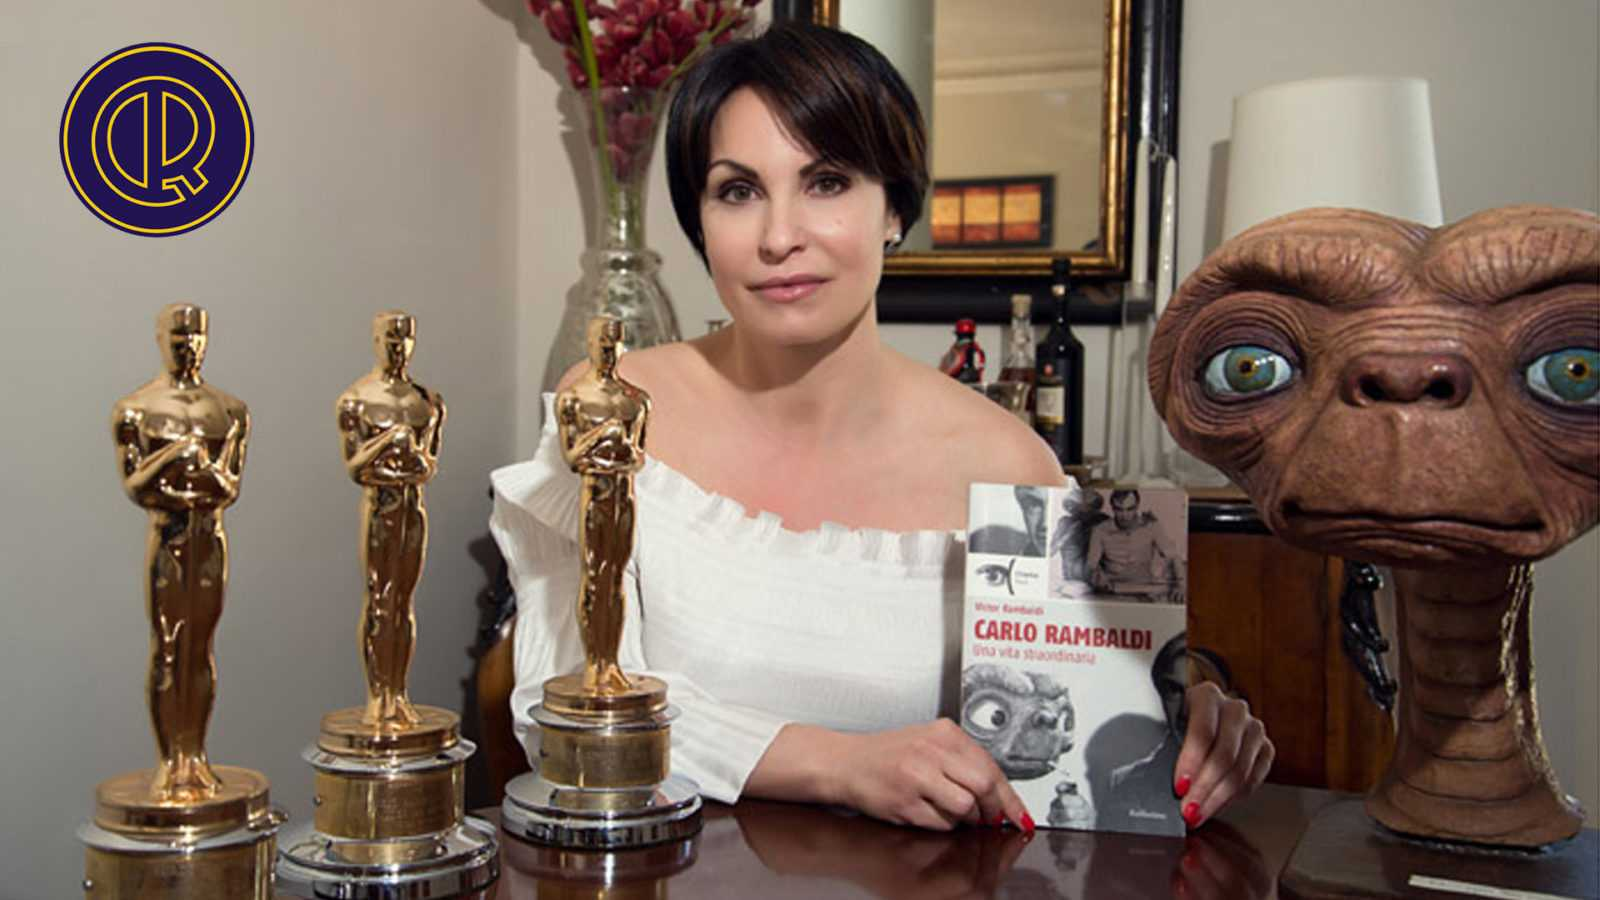 Daniela Rambaldi con premi Oscar